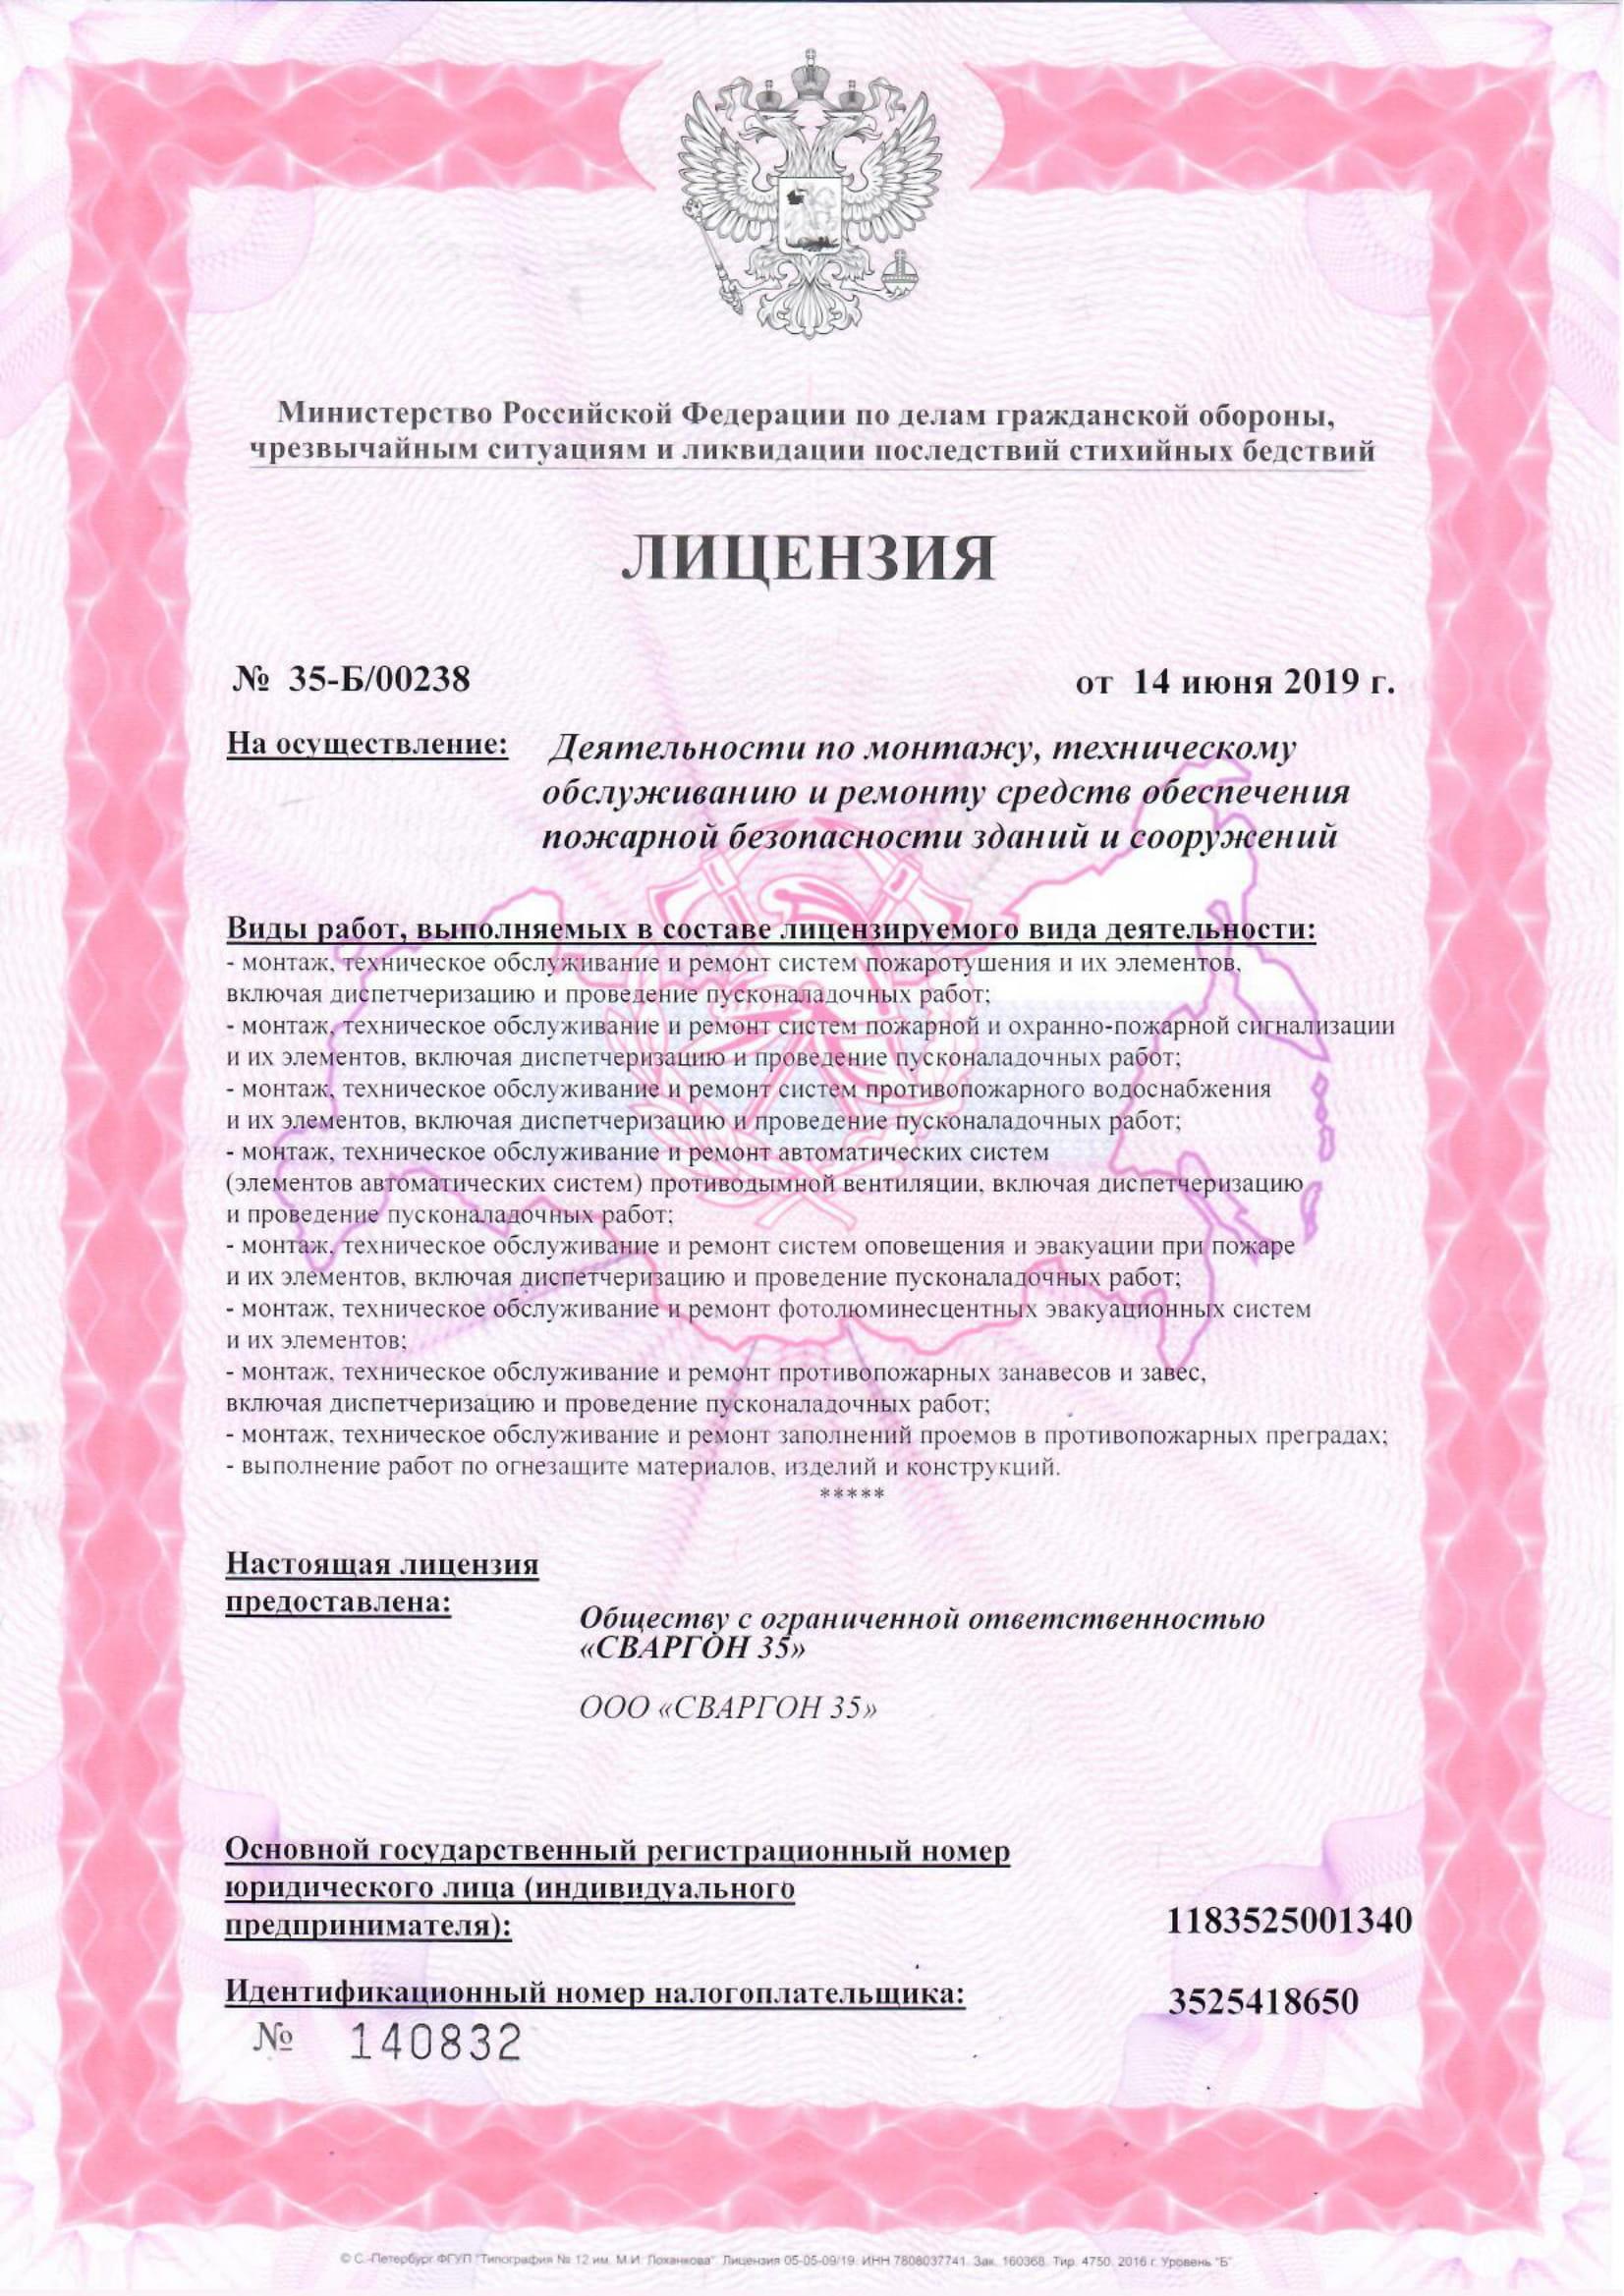 Отзывы о компании ООО Сваргон 35